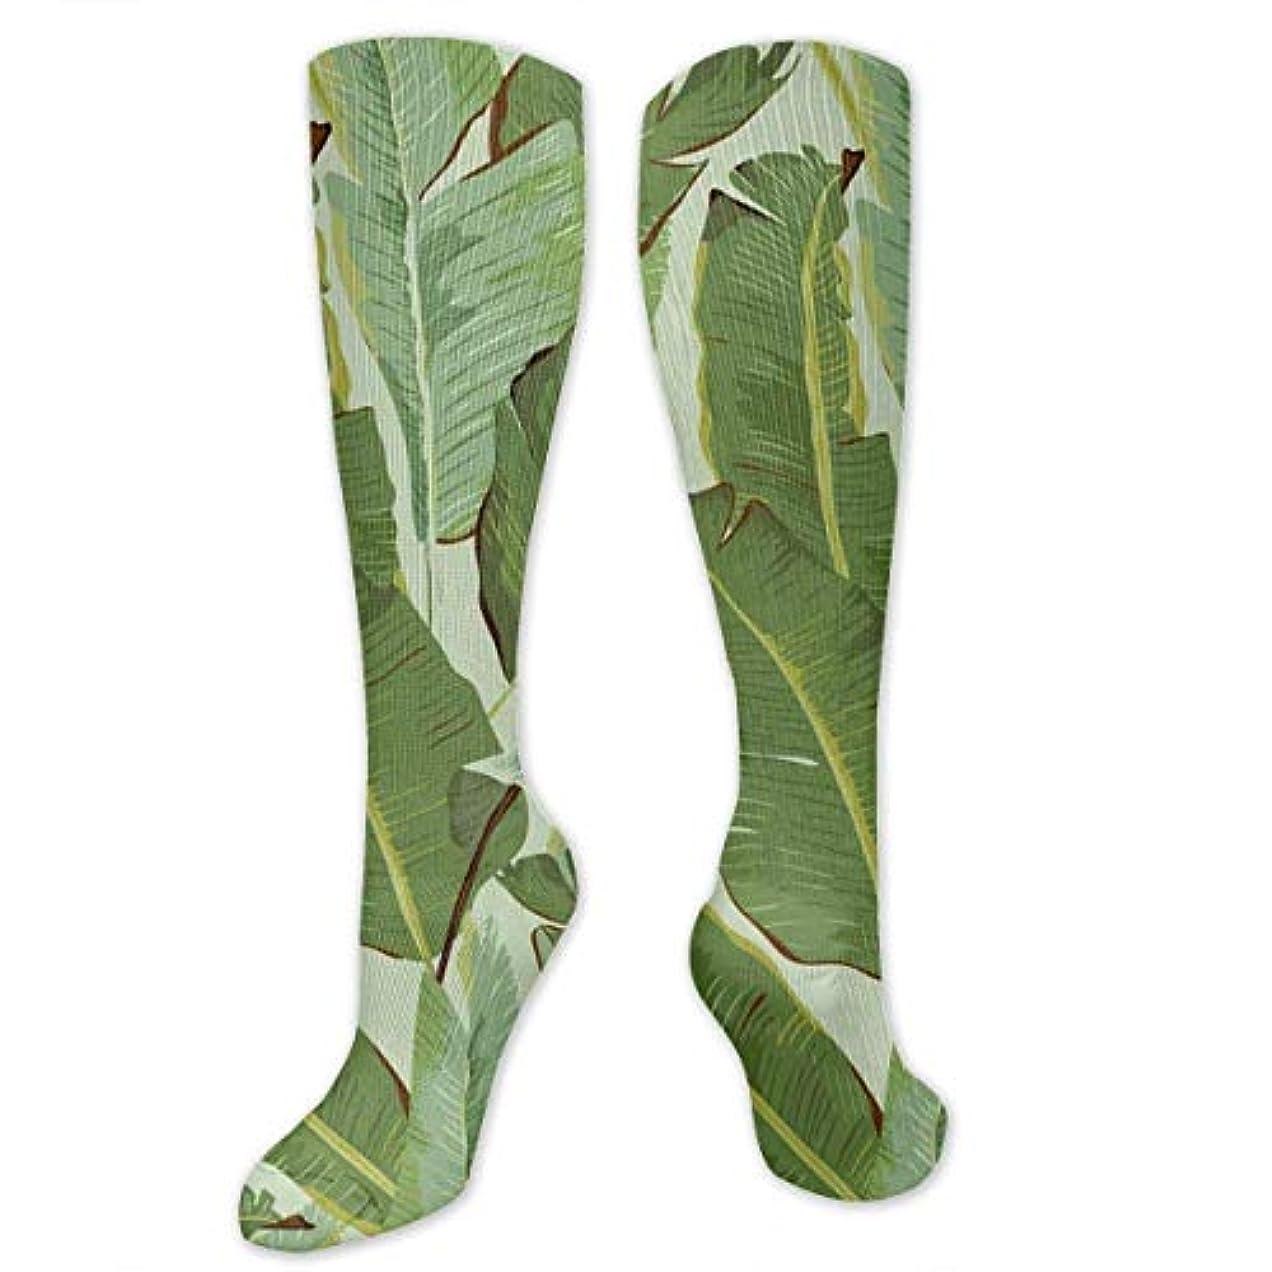 俳句結婚式該当する靴下,ストッキング,野生のジョーカー,実際,秋の本質,冬必須,サマーウェア&RBXAA Tropical Plant Leaf Socks Women's Winter Cotton Long Tube Socks Cotton...